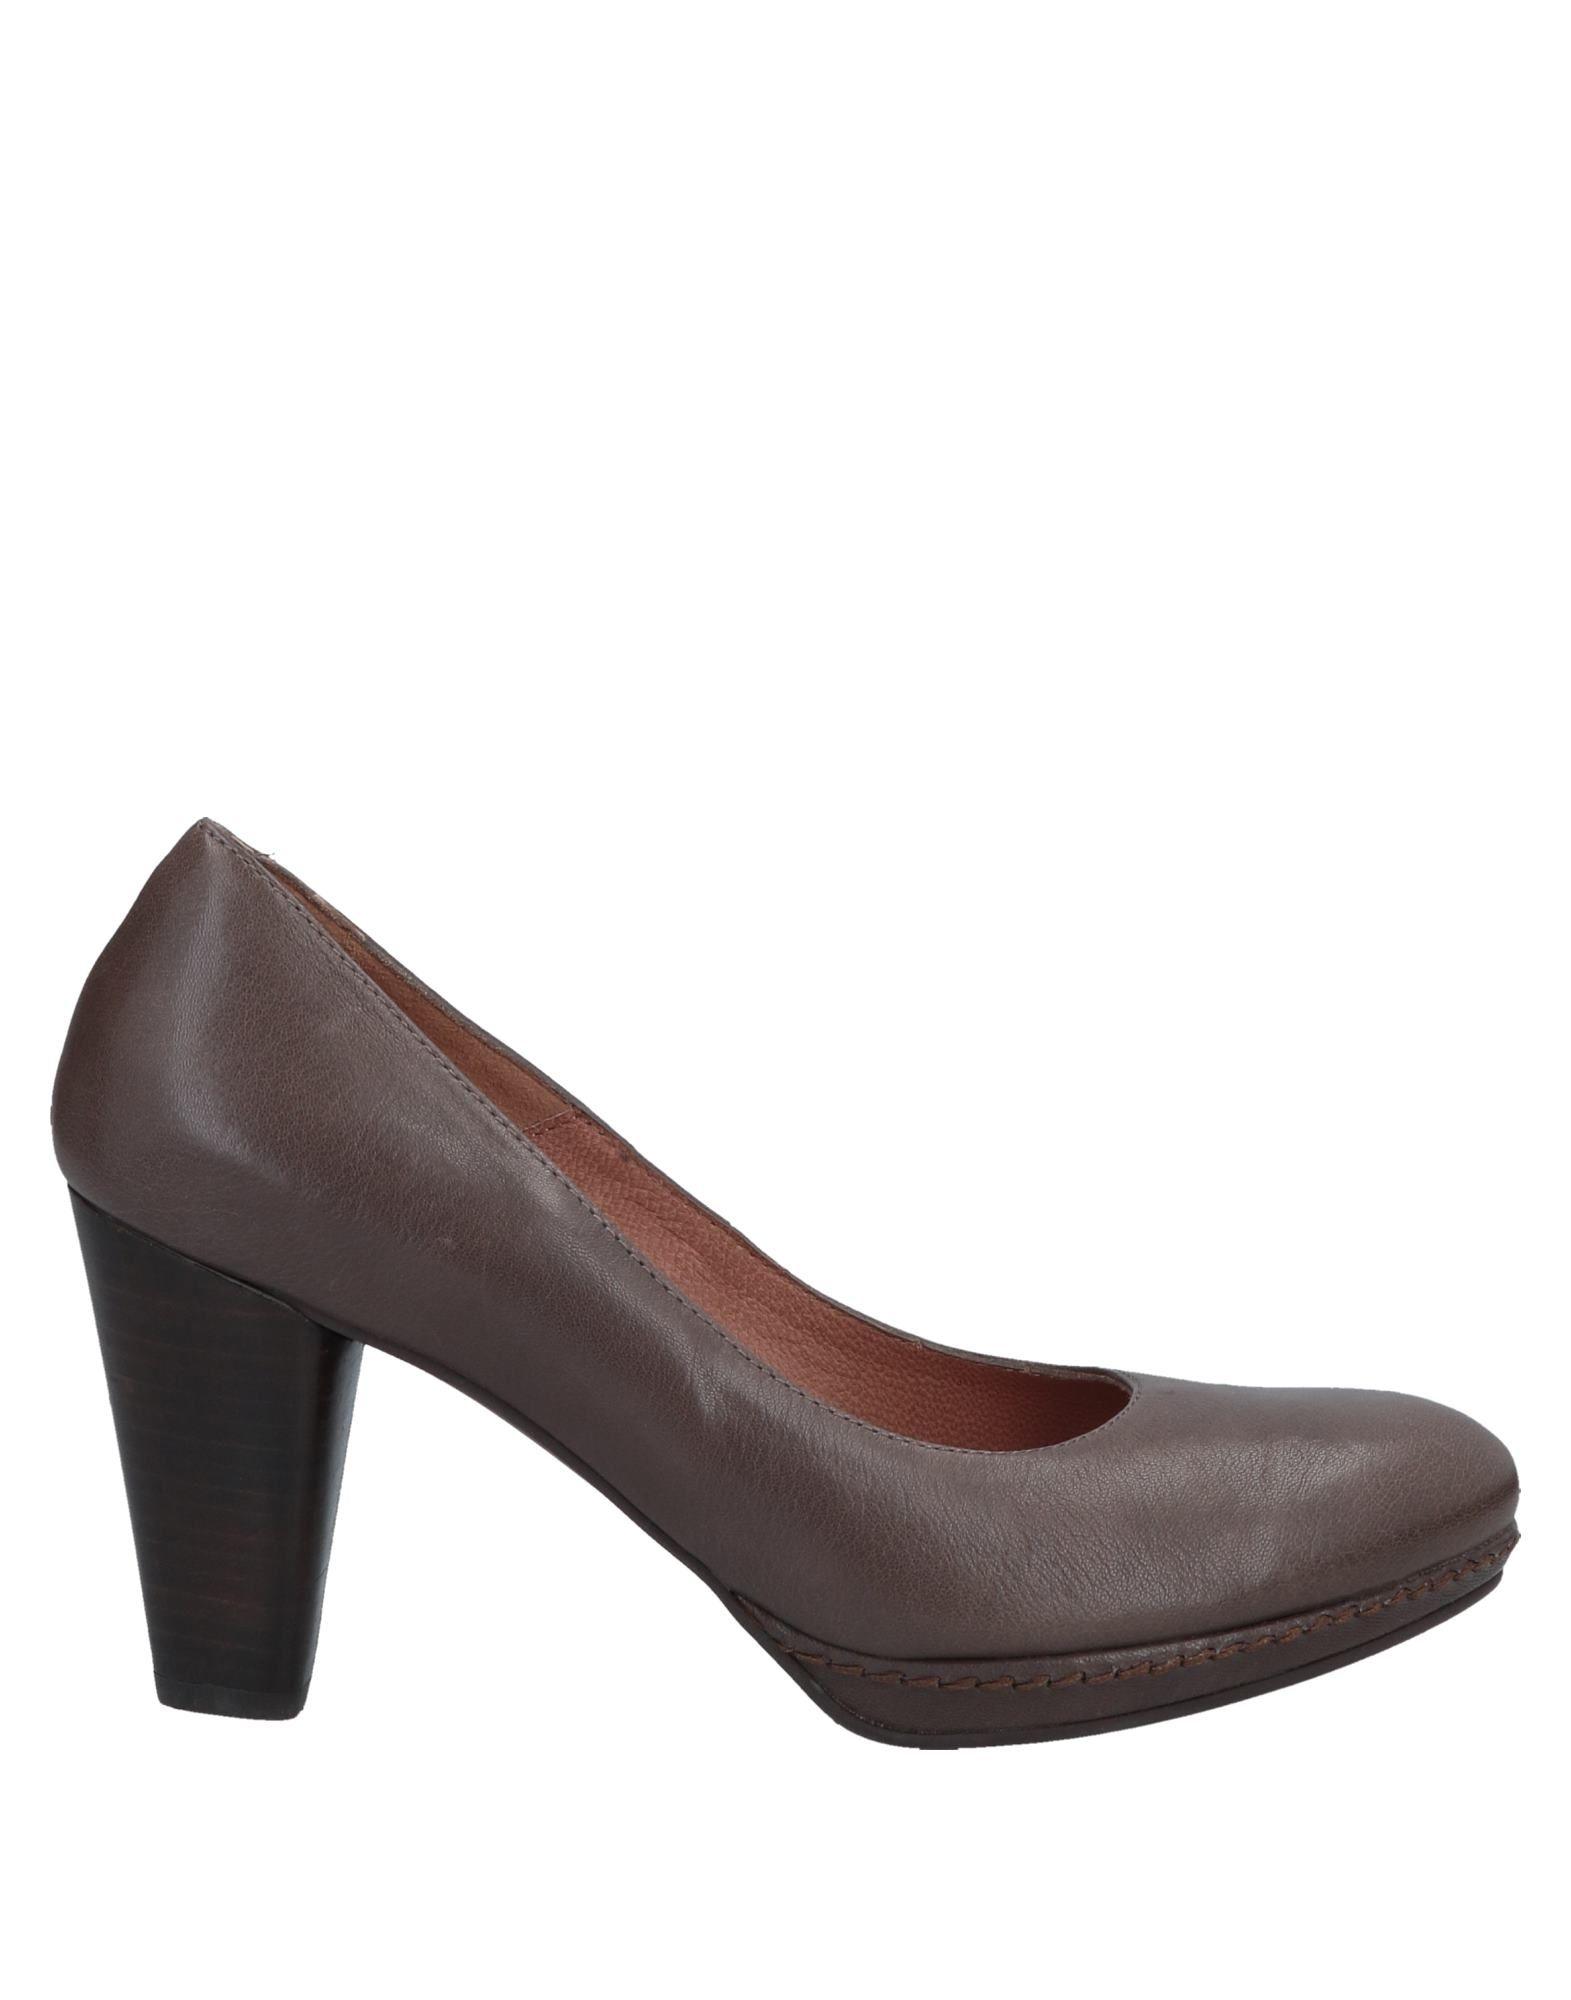 Фото - PEDRO MIRALLES Туфли pedro miralles обувь на шнурках